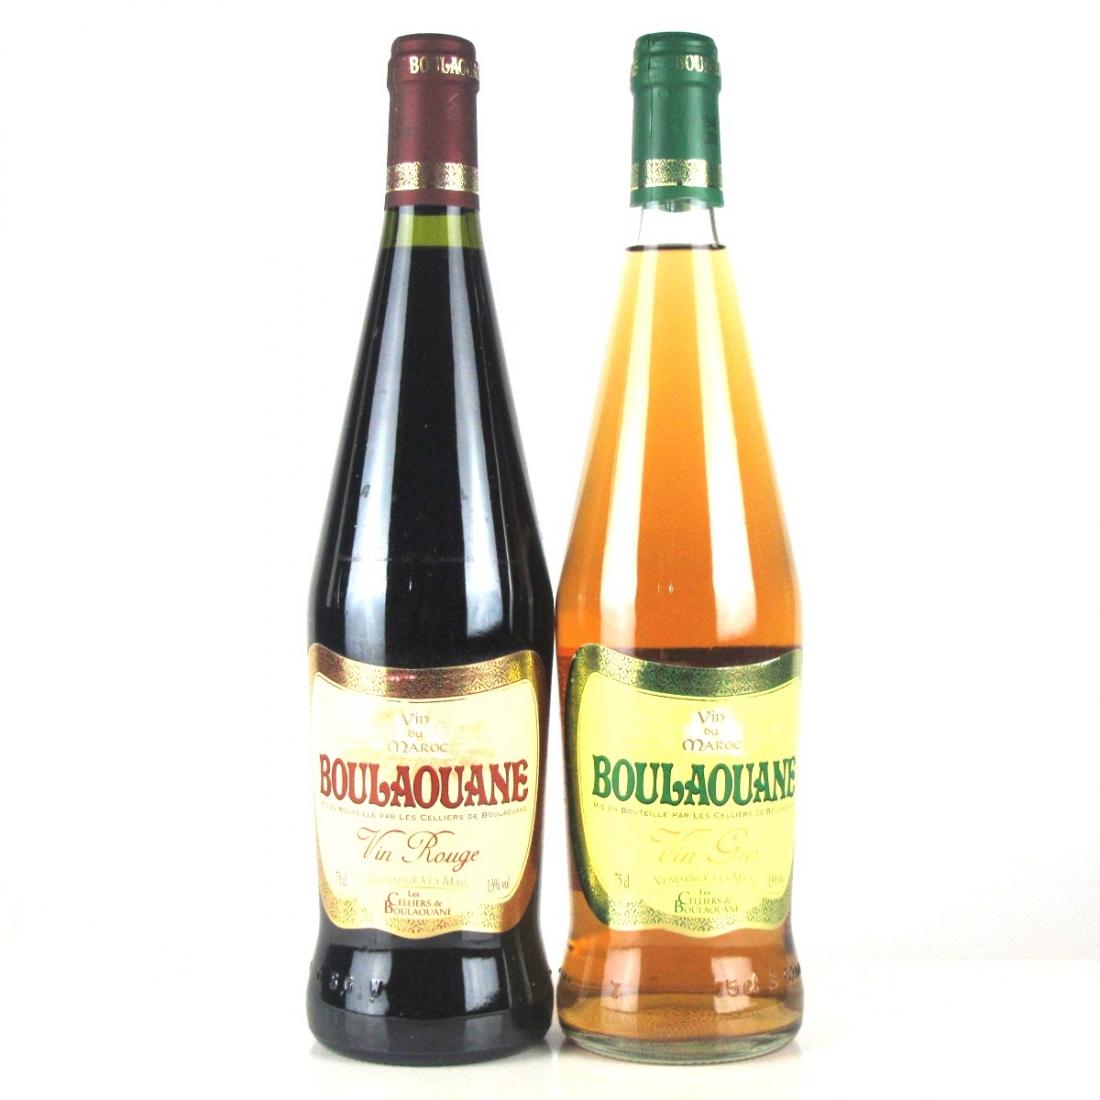 Boulaouane Vin Gris & Vin Rouge NV Morocco 2x75cl